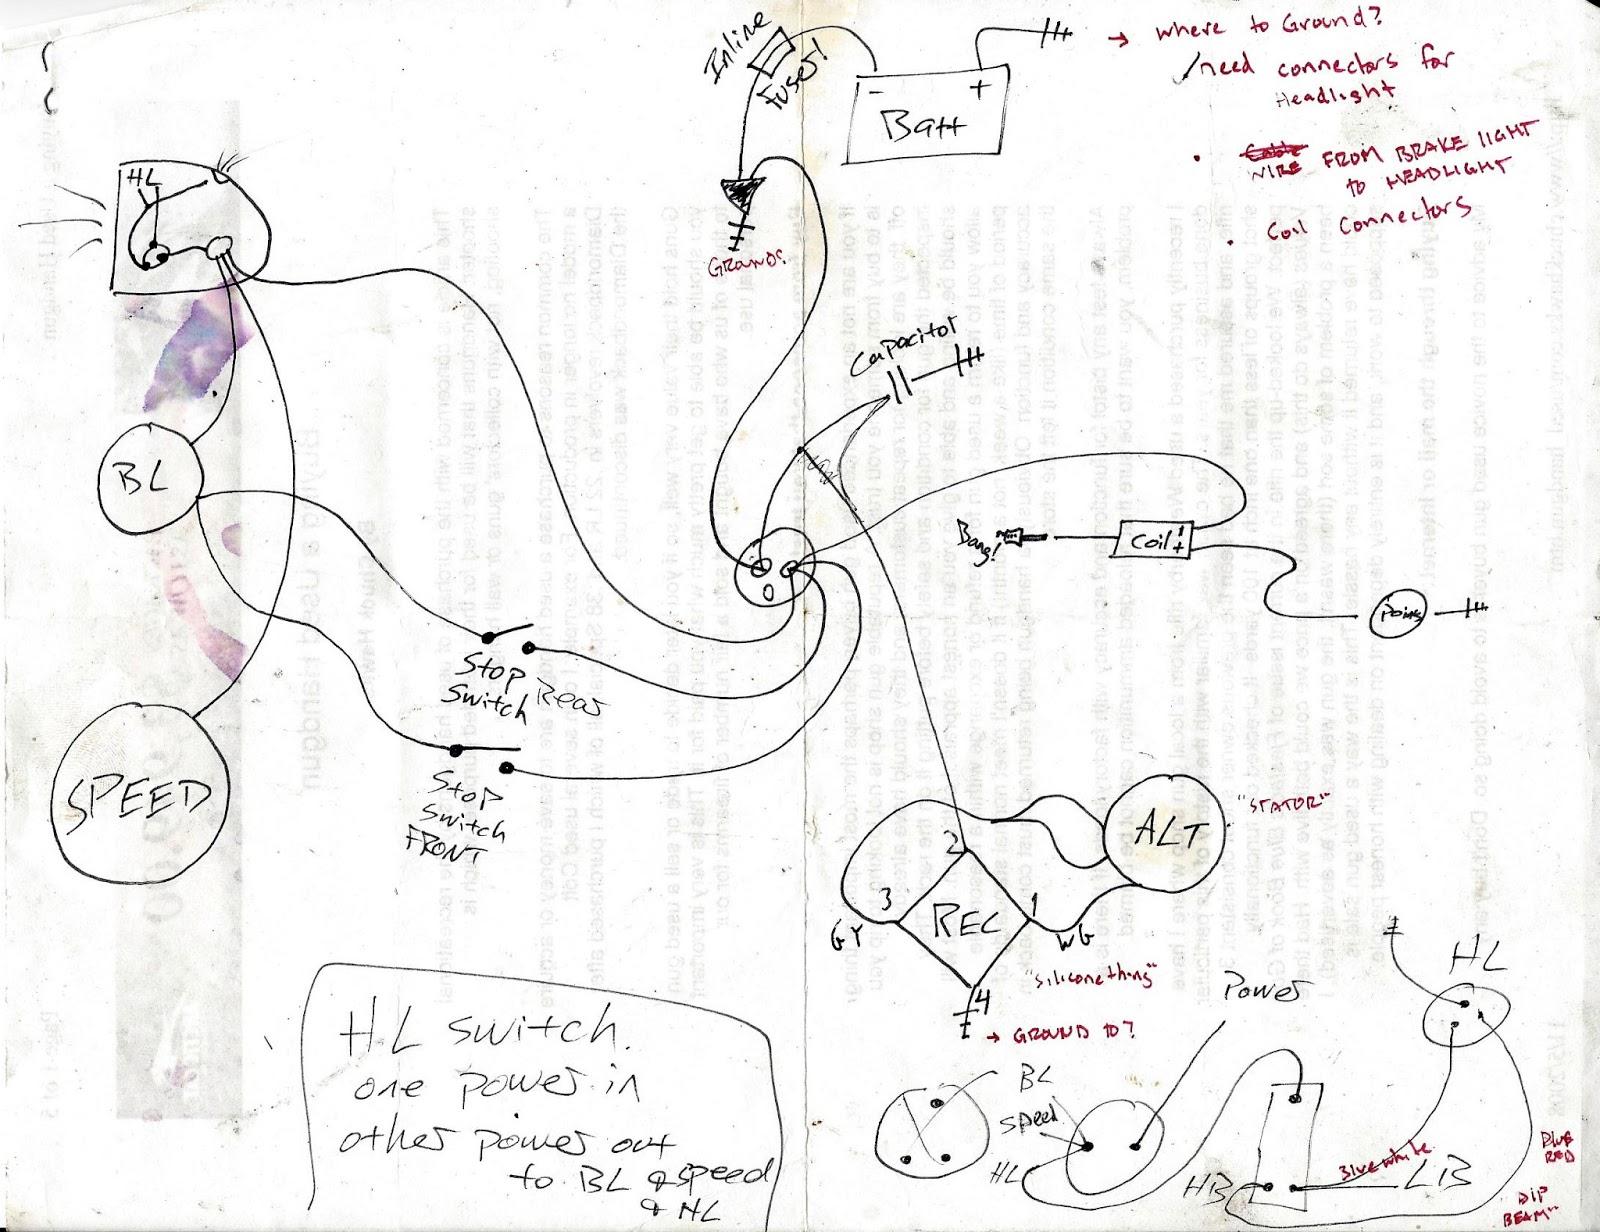 wiring diagram bsa a65l wiring diagrams u2022bsa 441 victor wiring diagram bsa a10 wiring diagram [ 1600 x 1232 Pixel ]